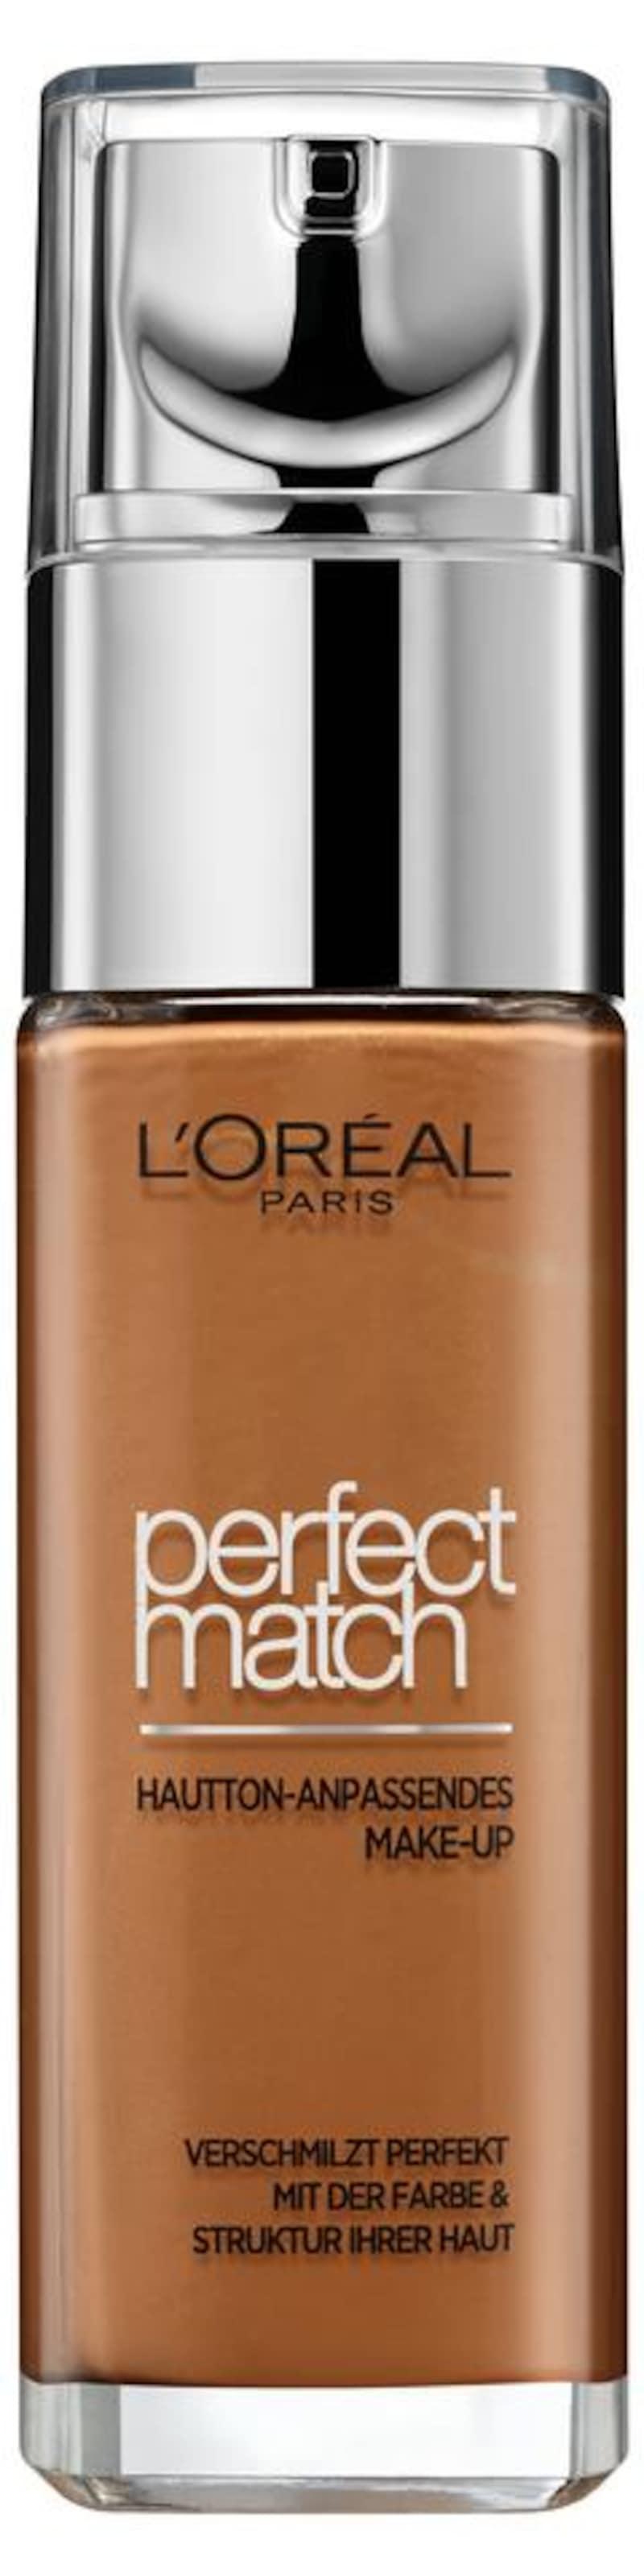 L'Oréal Paris 'Perfect Match', Hautton-anpassendes Make-Up